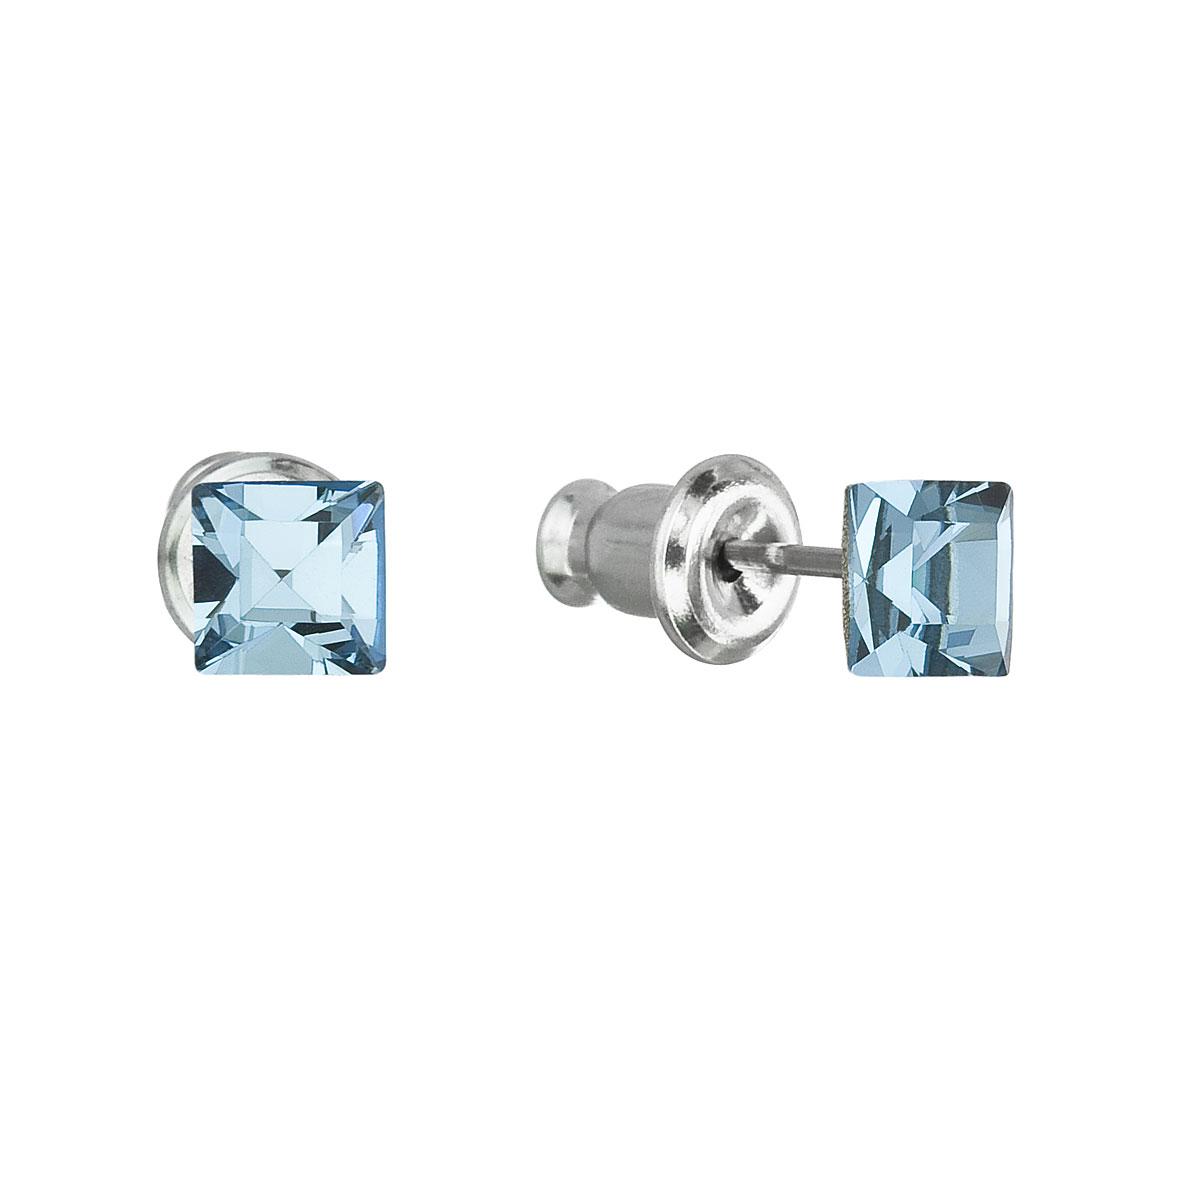 Evolution Group Náušnice se Swarovski krystaly modrá čtverec 51052.3